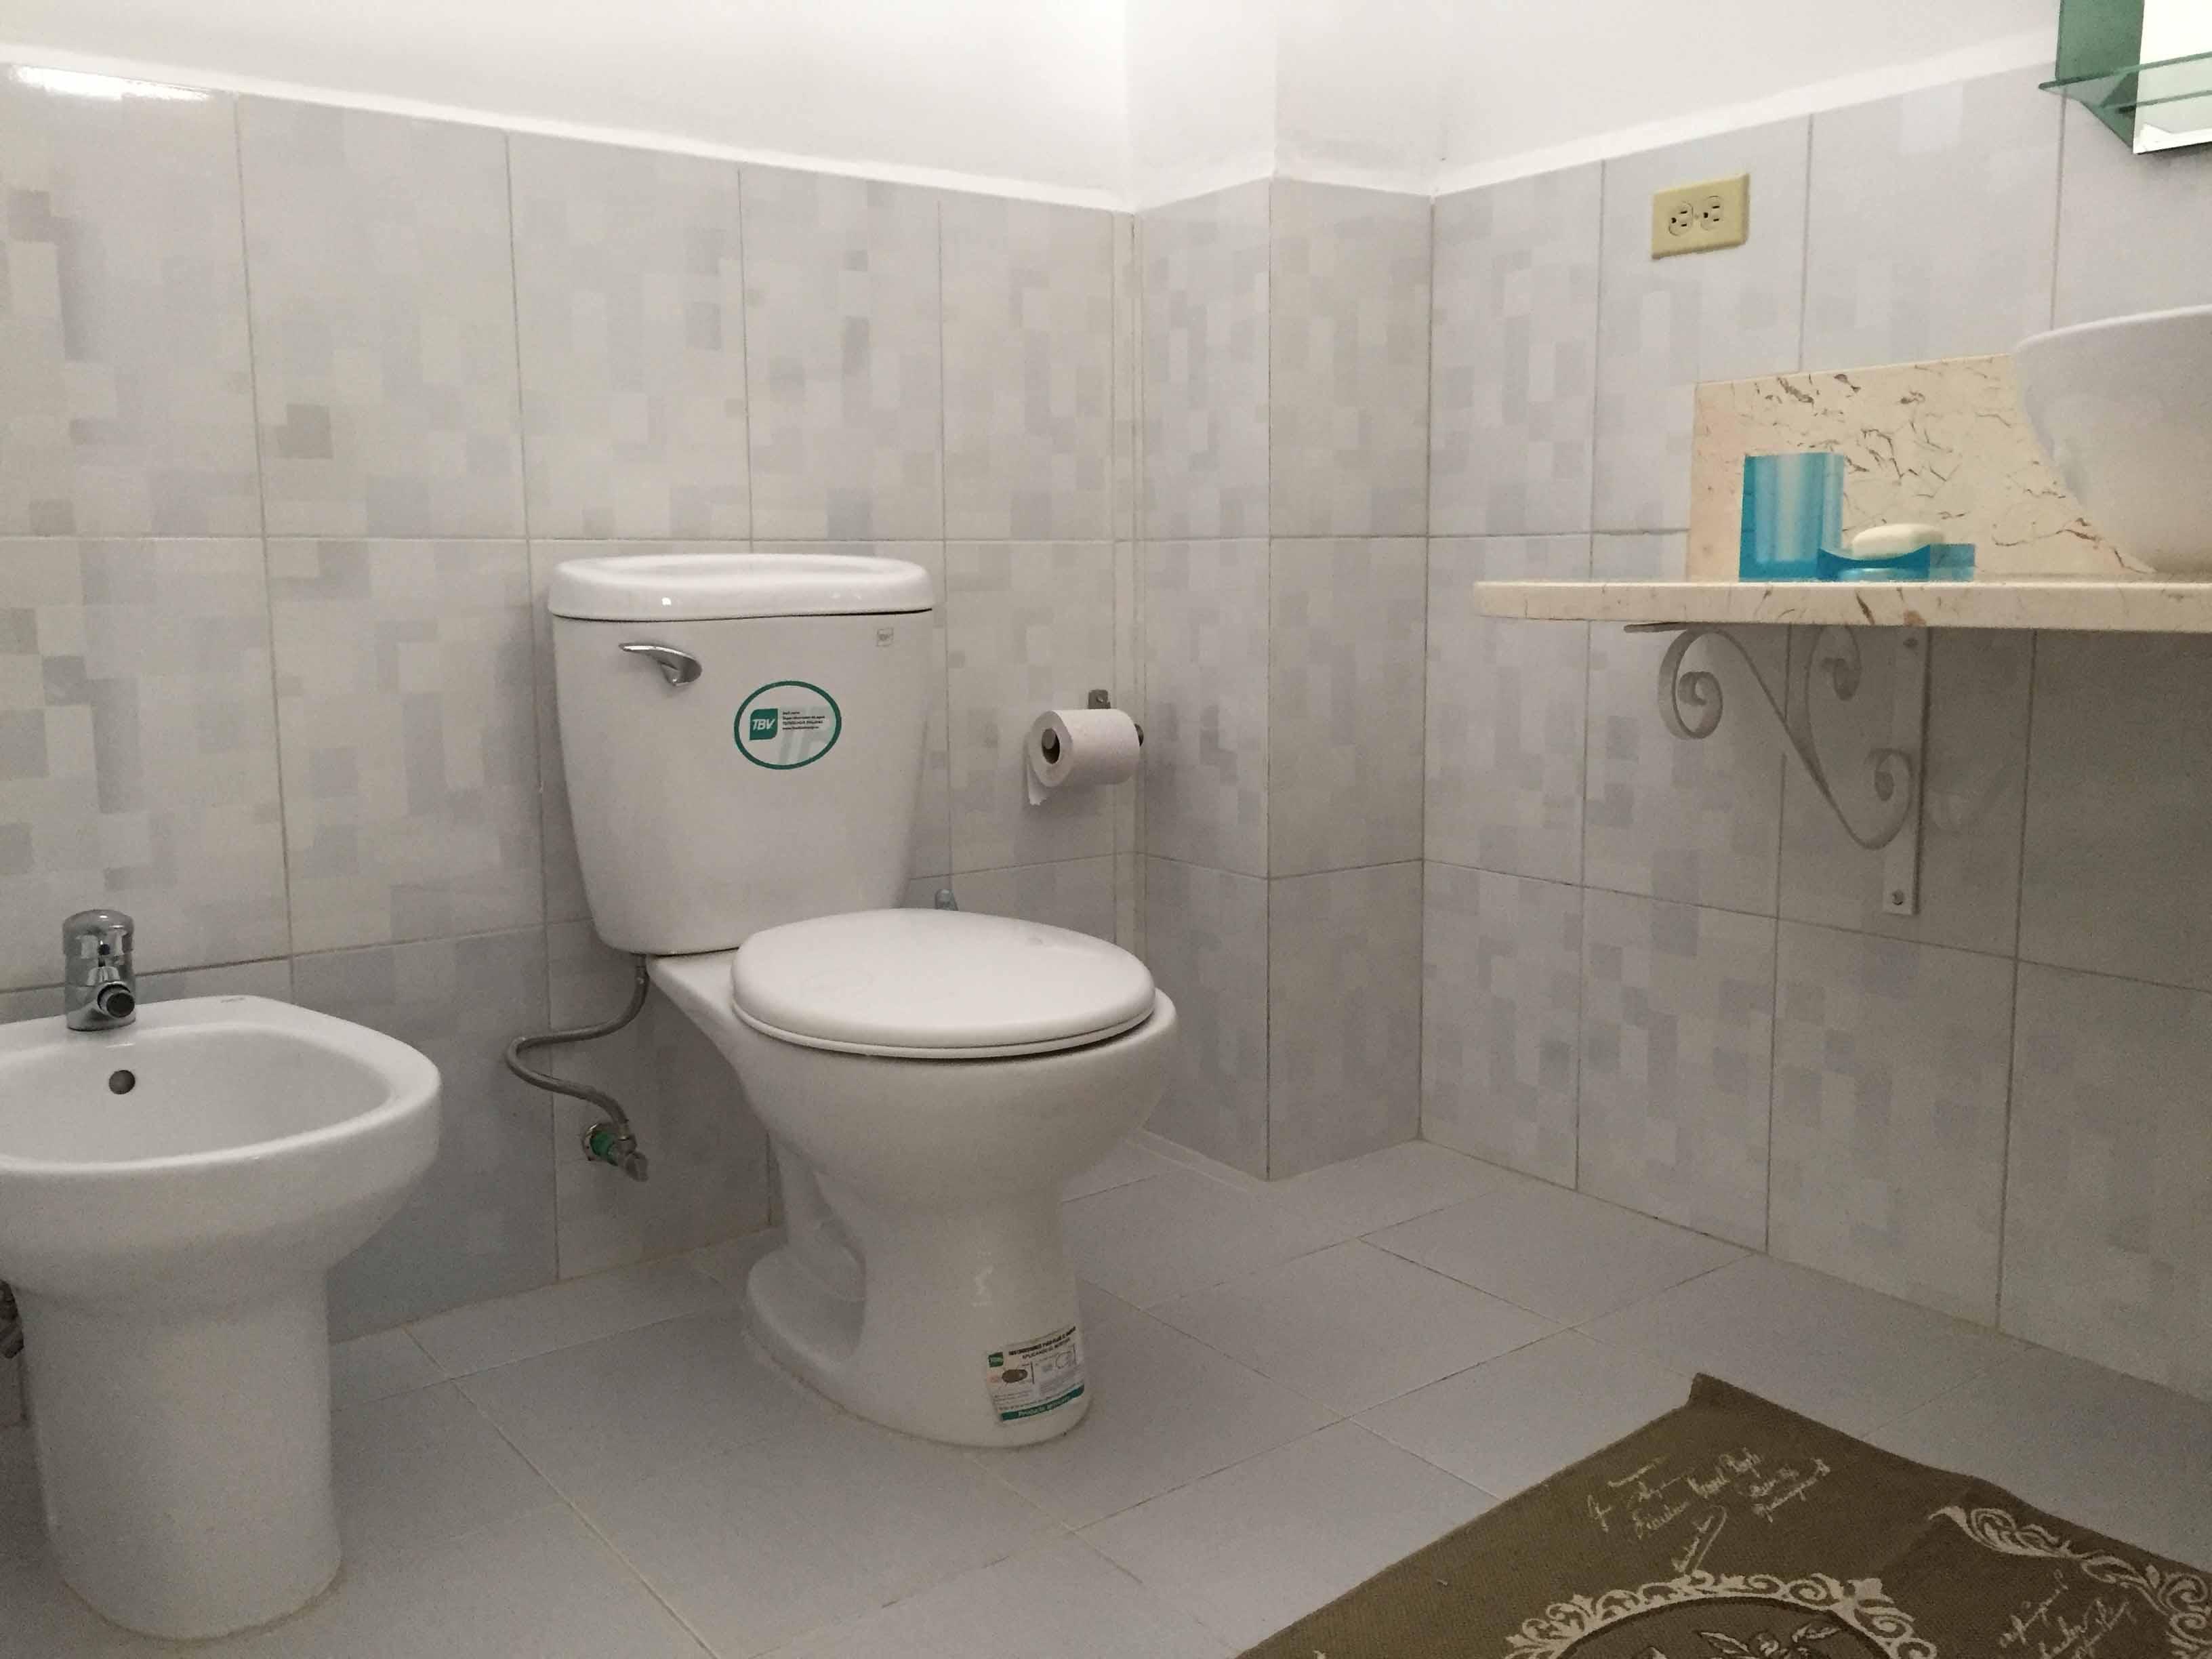 Villa Maria -                                                 Bathroom 1.2